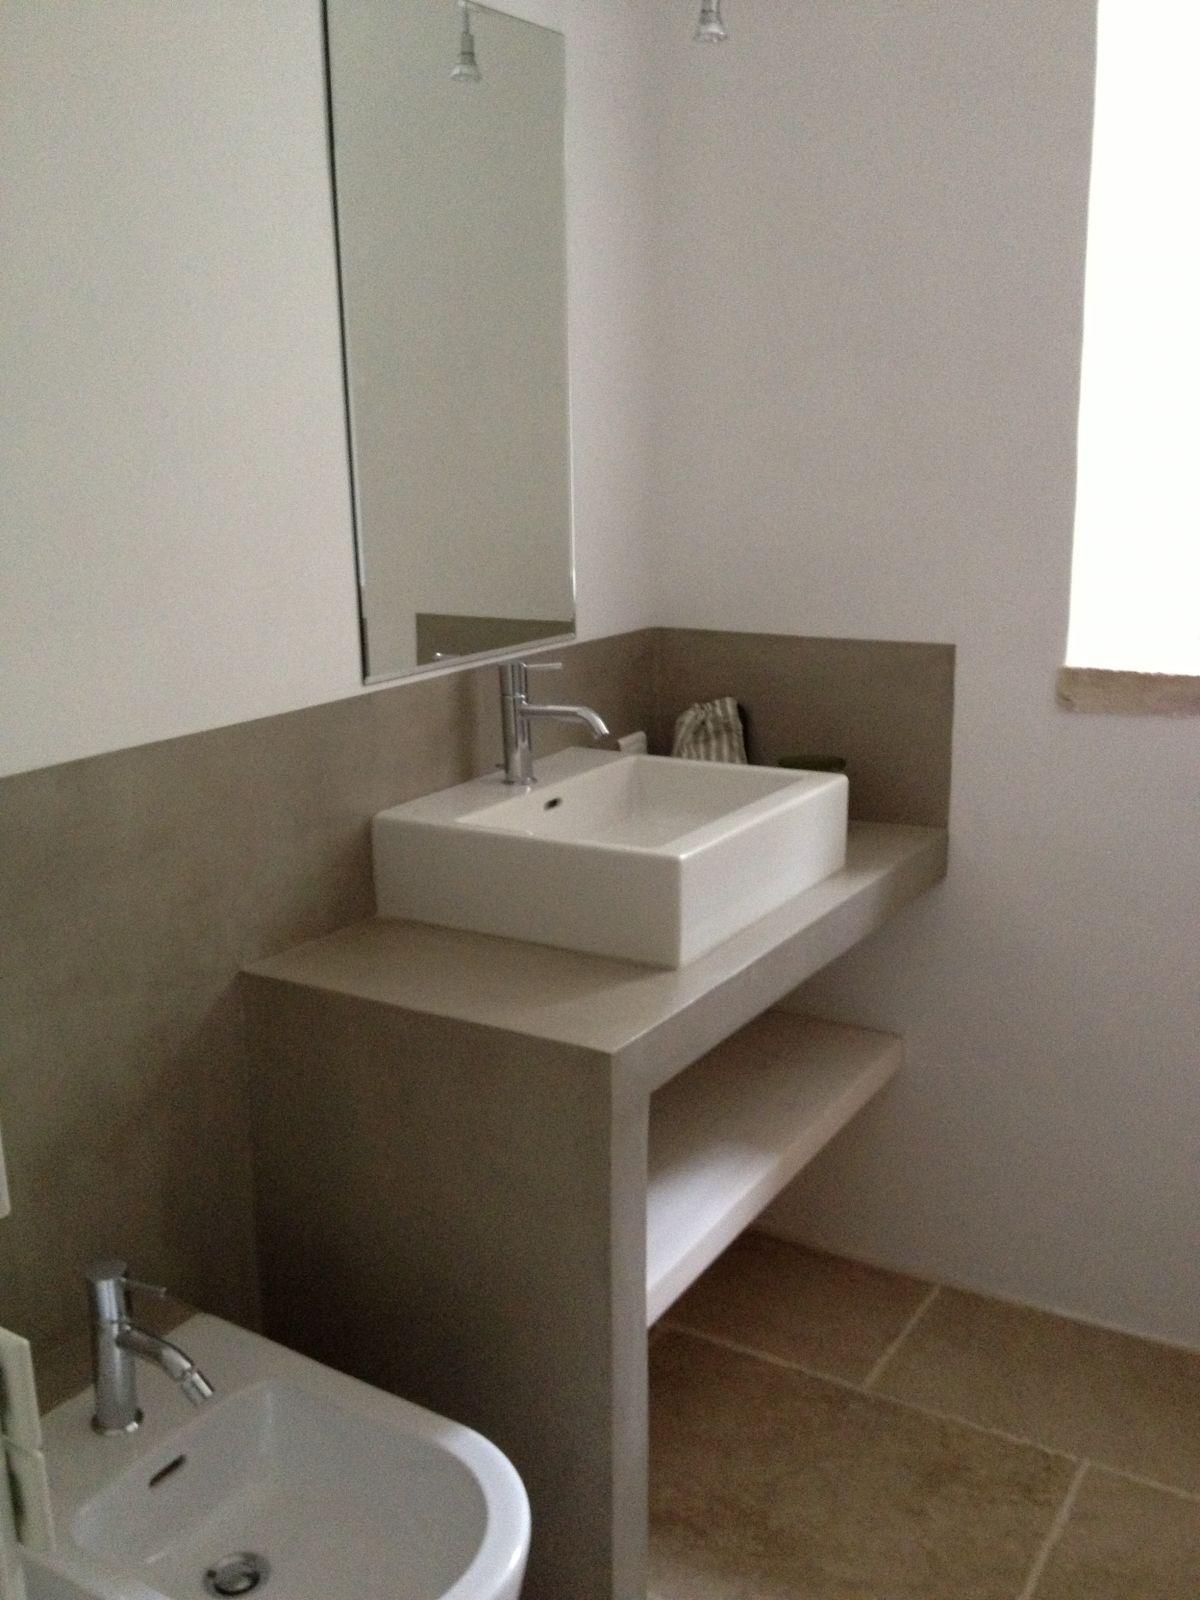 salle de bain vielles demeures d 39 occitanie entreprise r novation situ e dans le gard. Black Bedroom Furniture Sets. Home Design Ideas